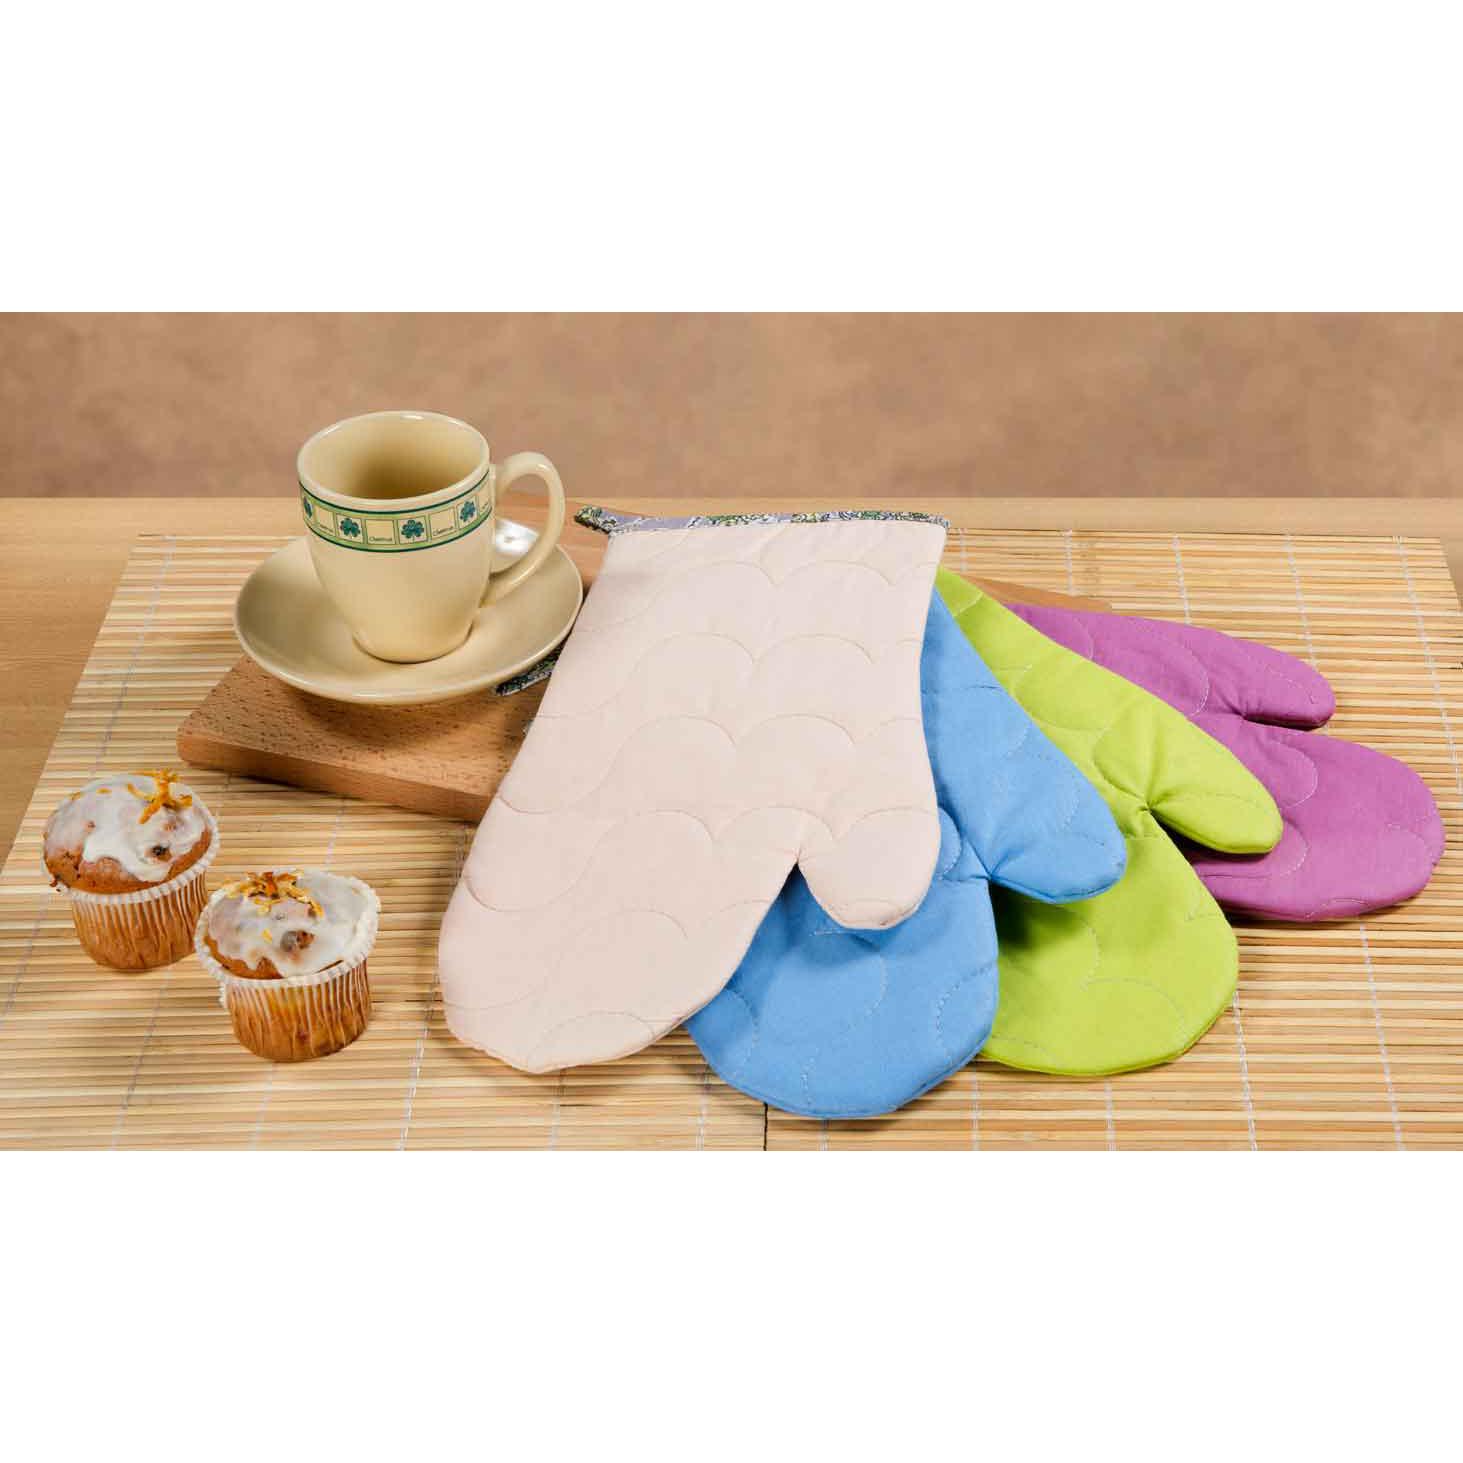 Рукавичка Rainbow, цвет КремовыйКухонные принадлежности<br>Основная ткань: 100% хлопок, поплин <br>Плотность ткани: 118 г/кв. м <br>Ткань отделки: 100% хлопок, бязь <br>Плотность ткани: 125 г/кв. м <br>Наполнитель: 100% полиэстер<br><br>Тип: Кухонные принадлежности<br>Размер: -<br>Материал: Поплин